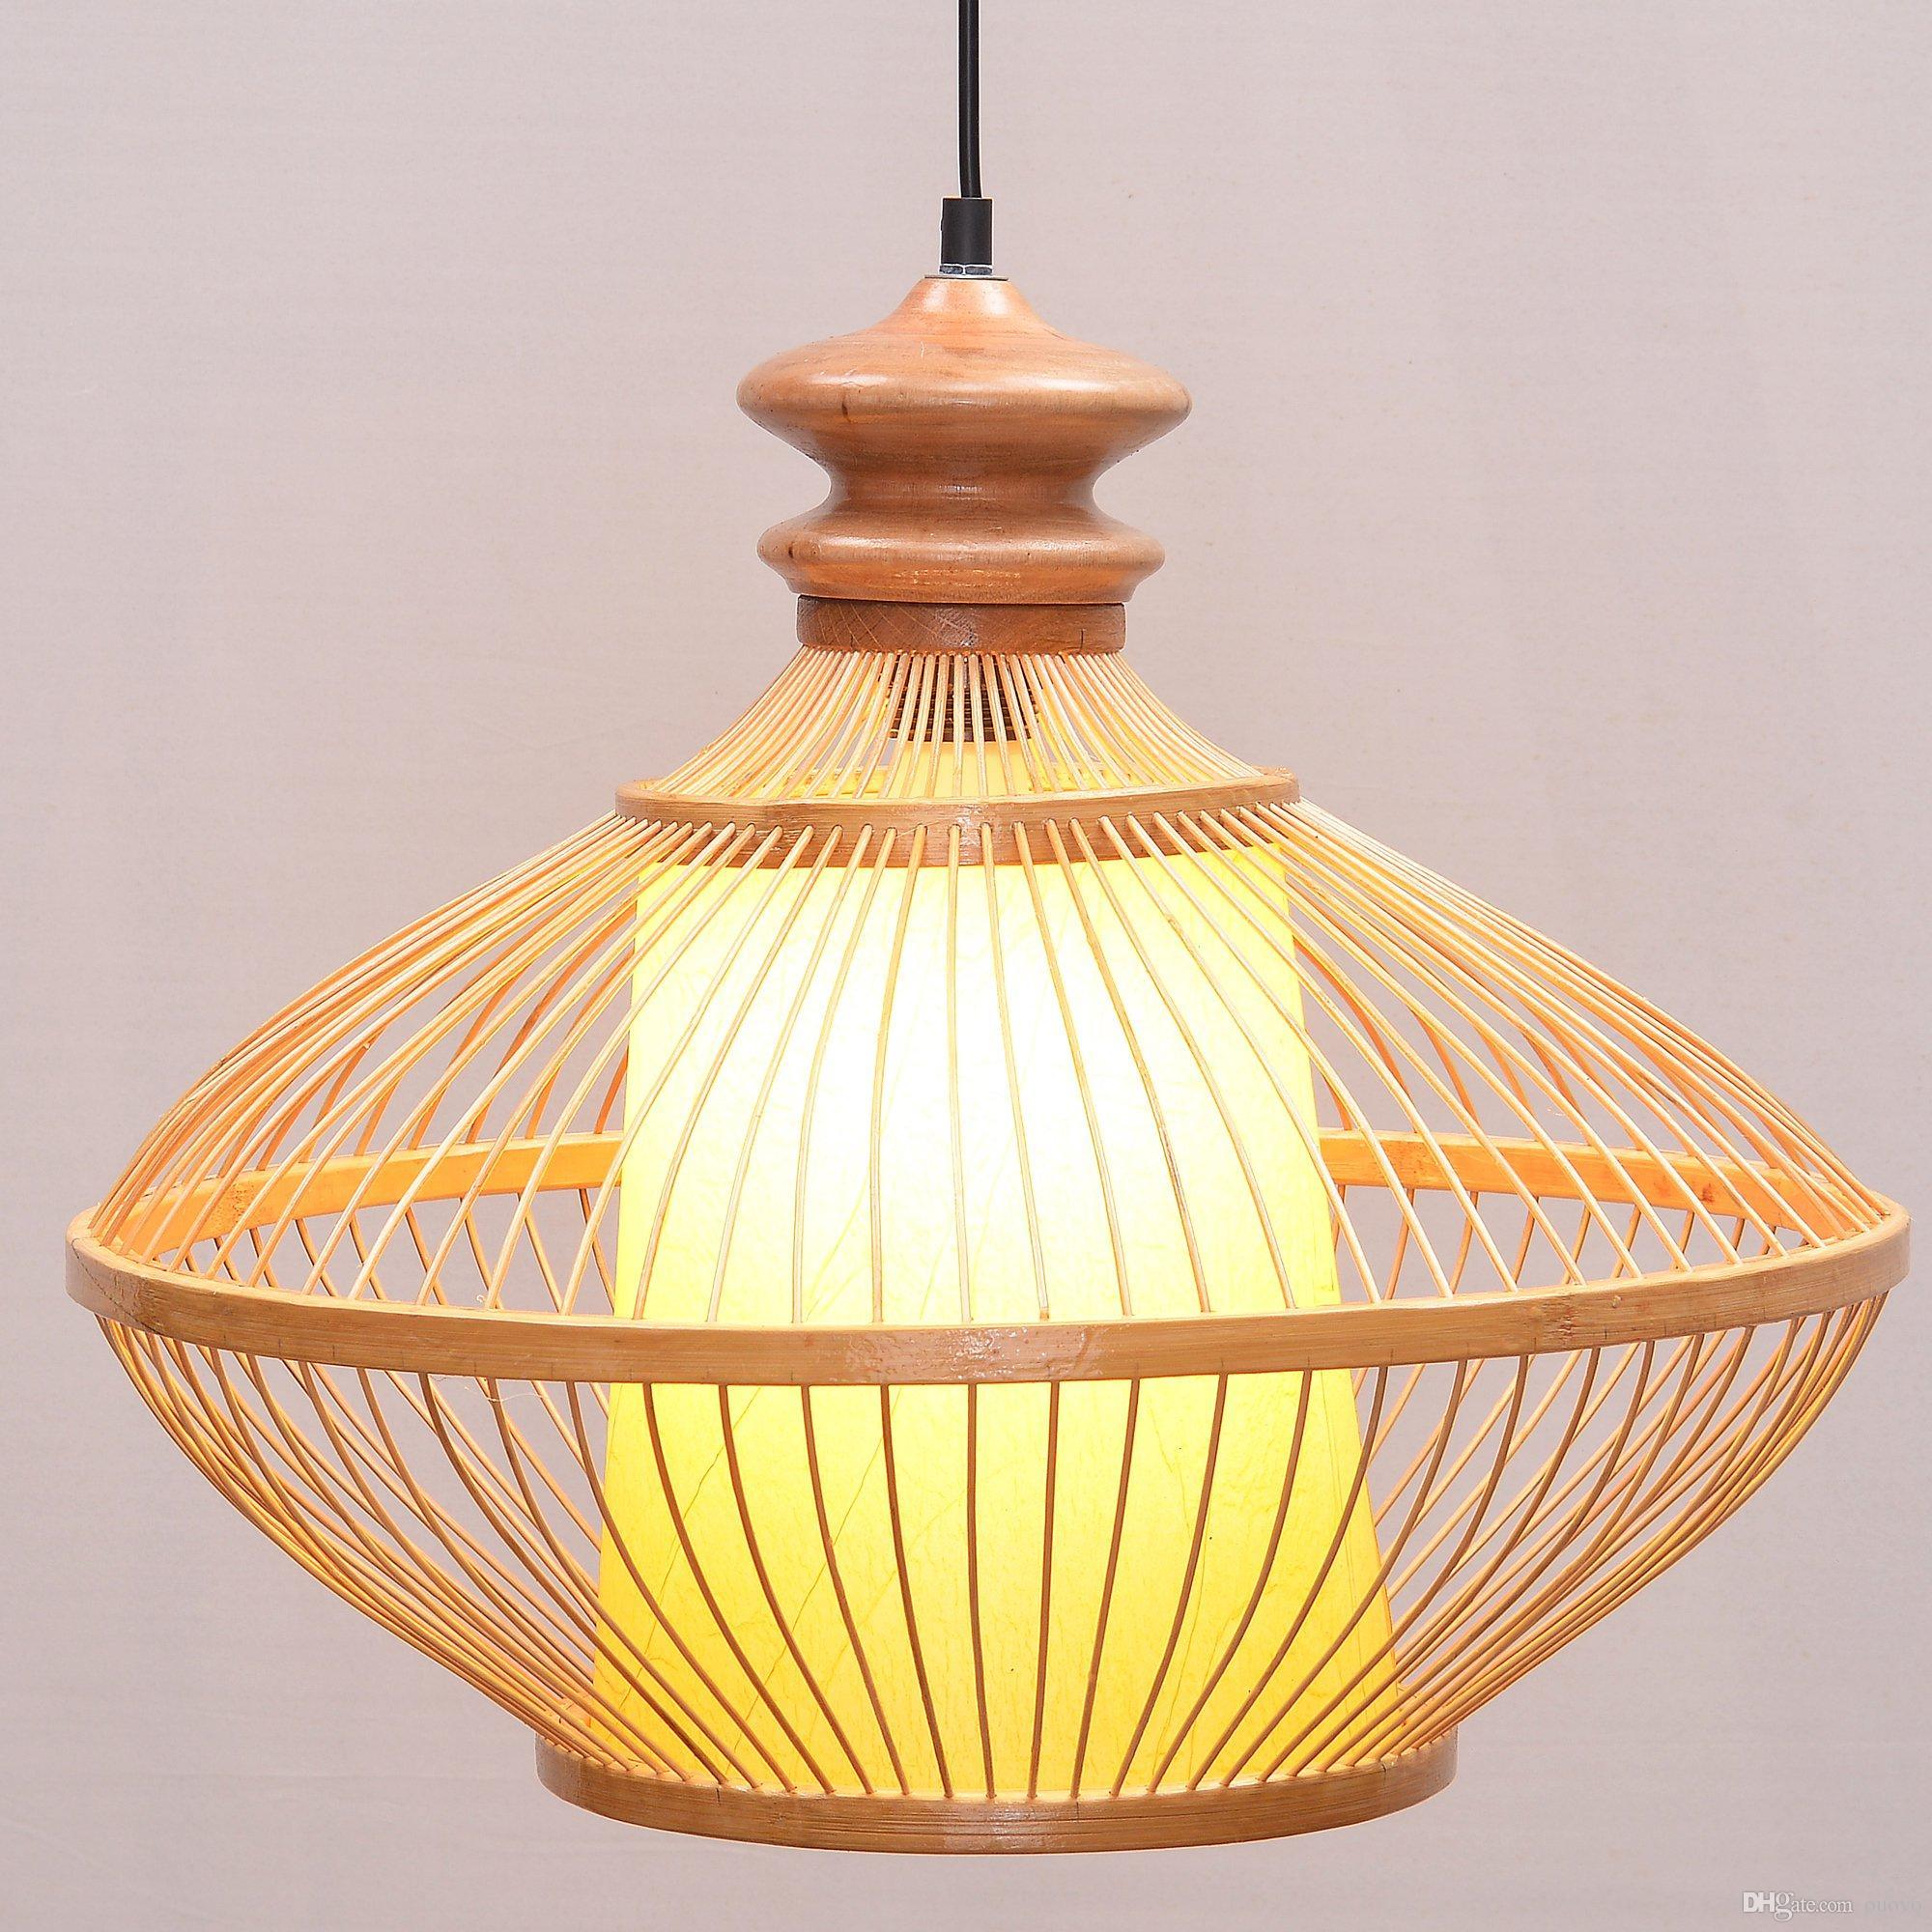 Acheter Sud Asiatique Bambou Vase Salle A Manger Plafonnier Lampe